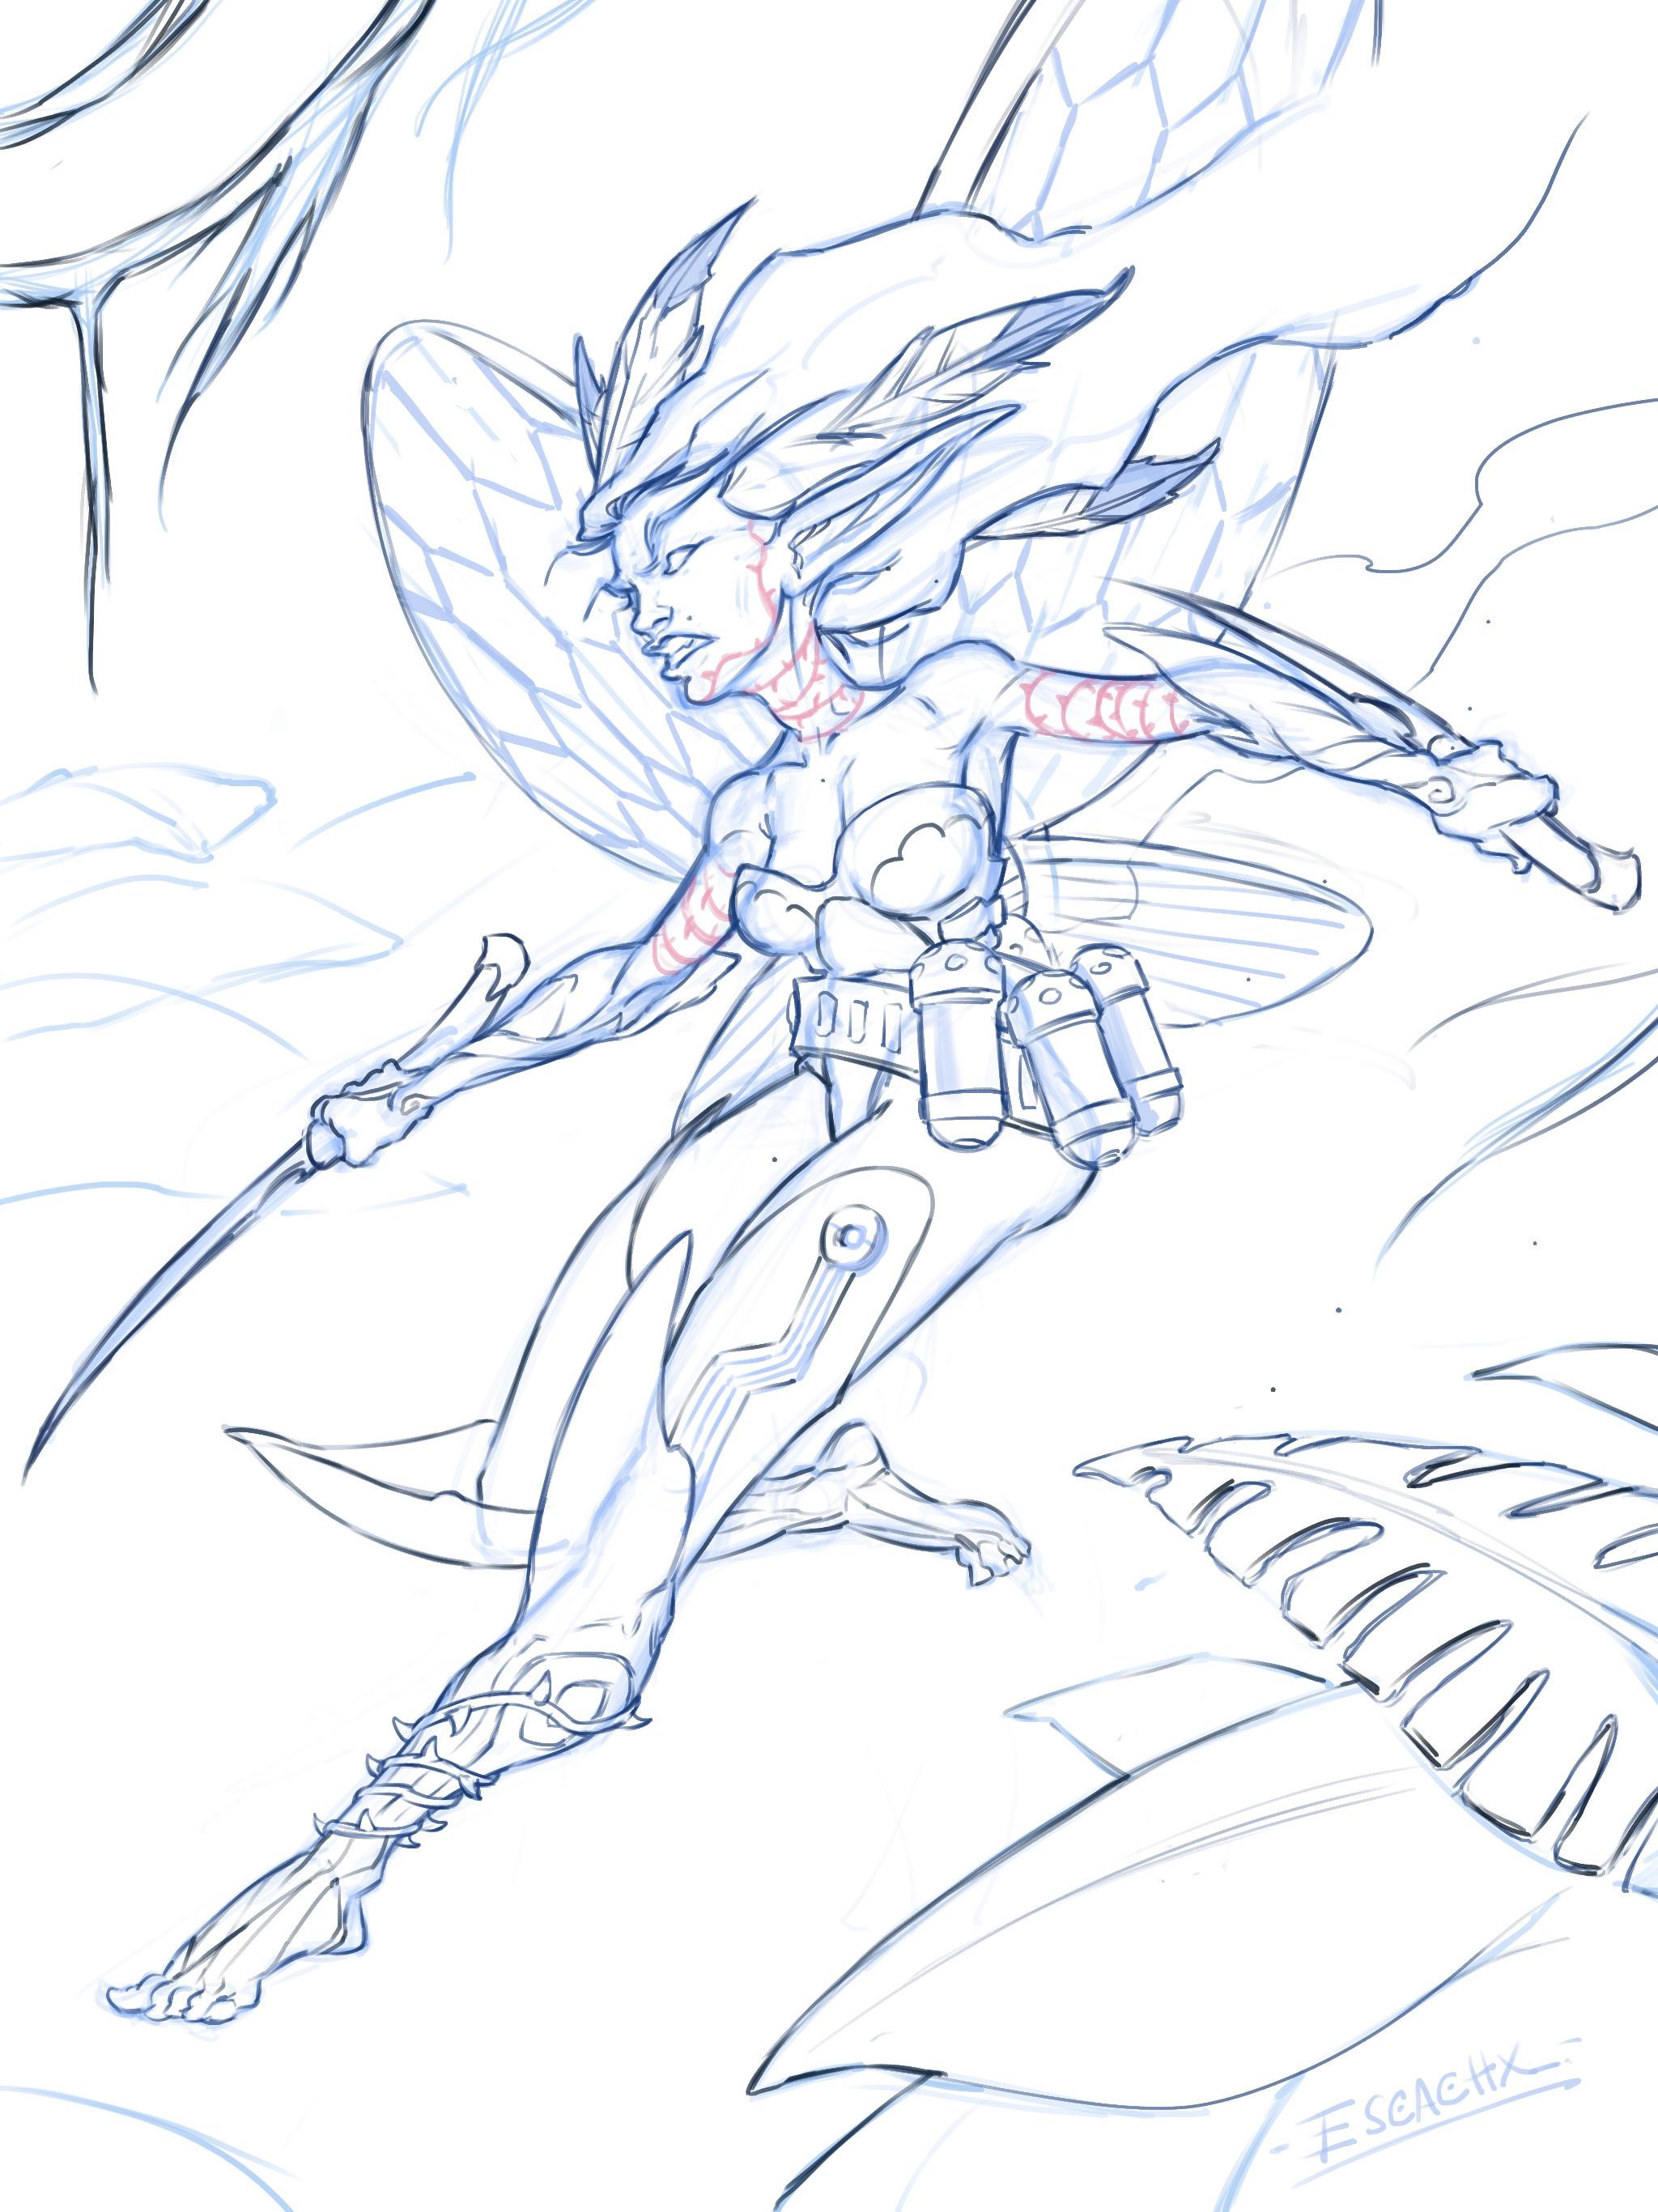 Sketch in Procreate